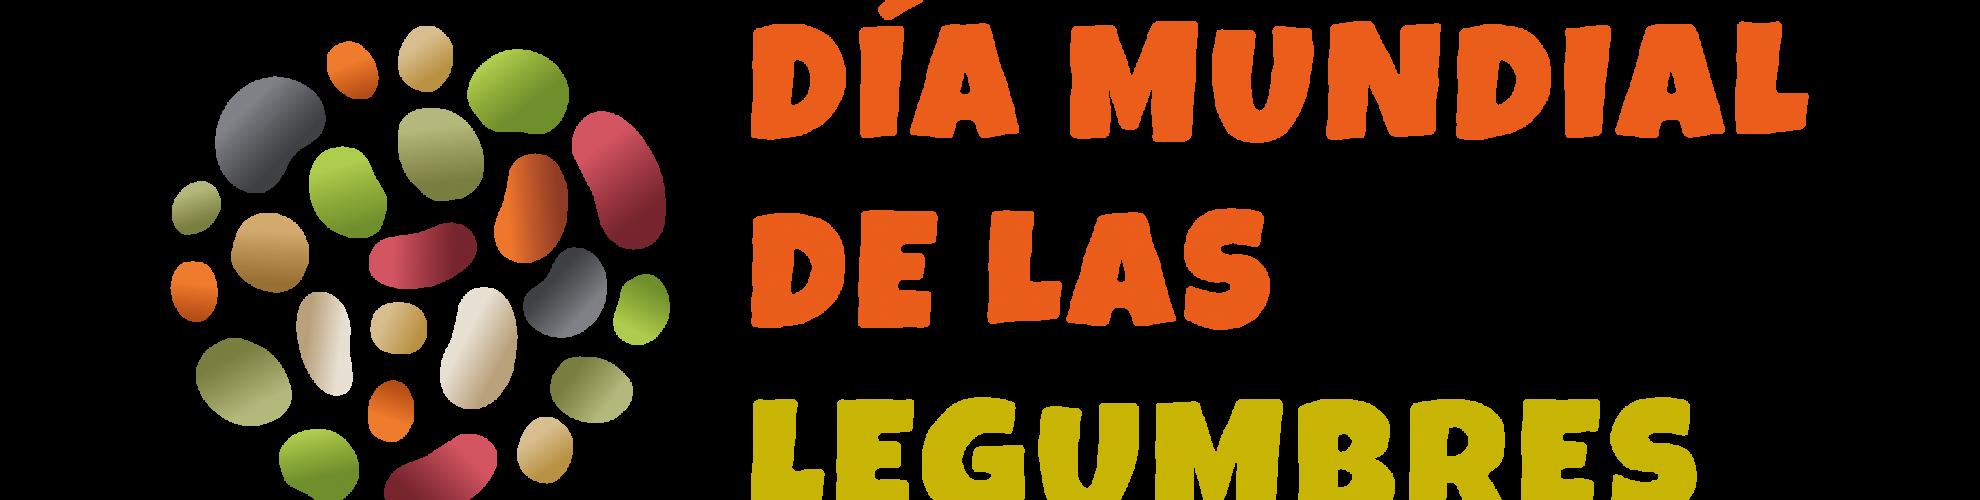 Dia Mundial de las Legumbres